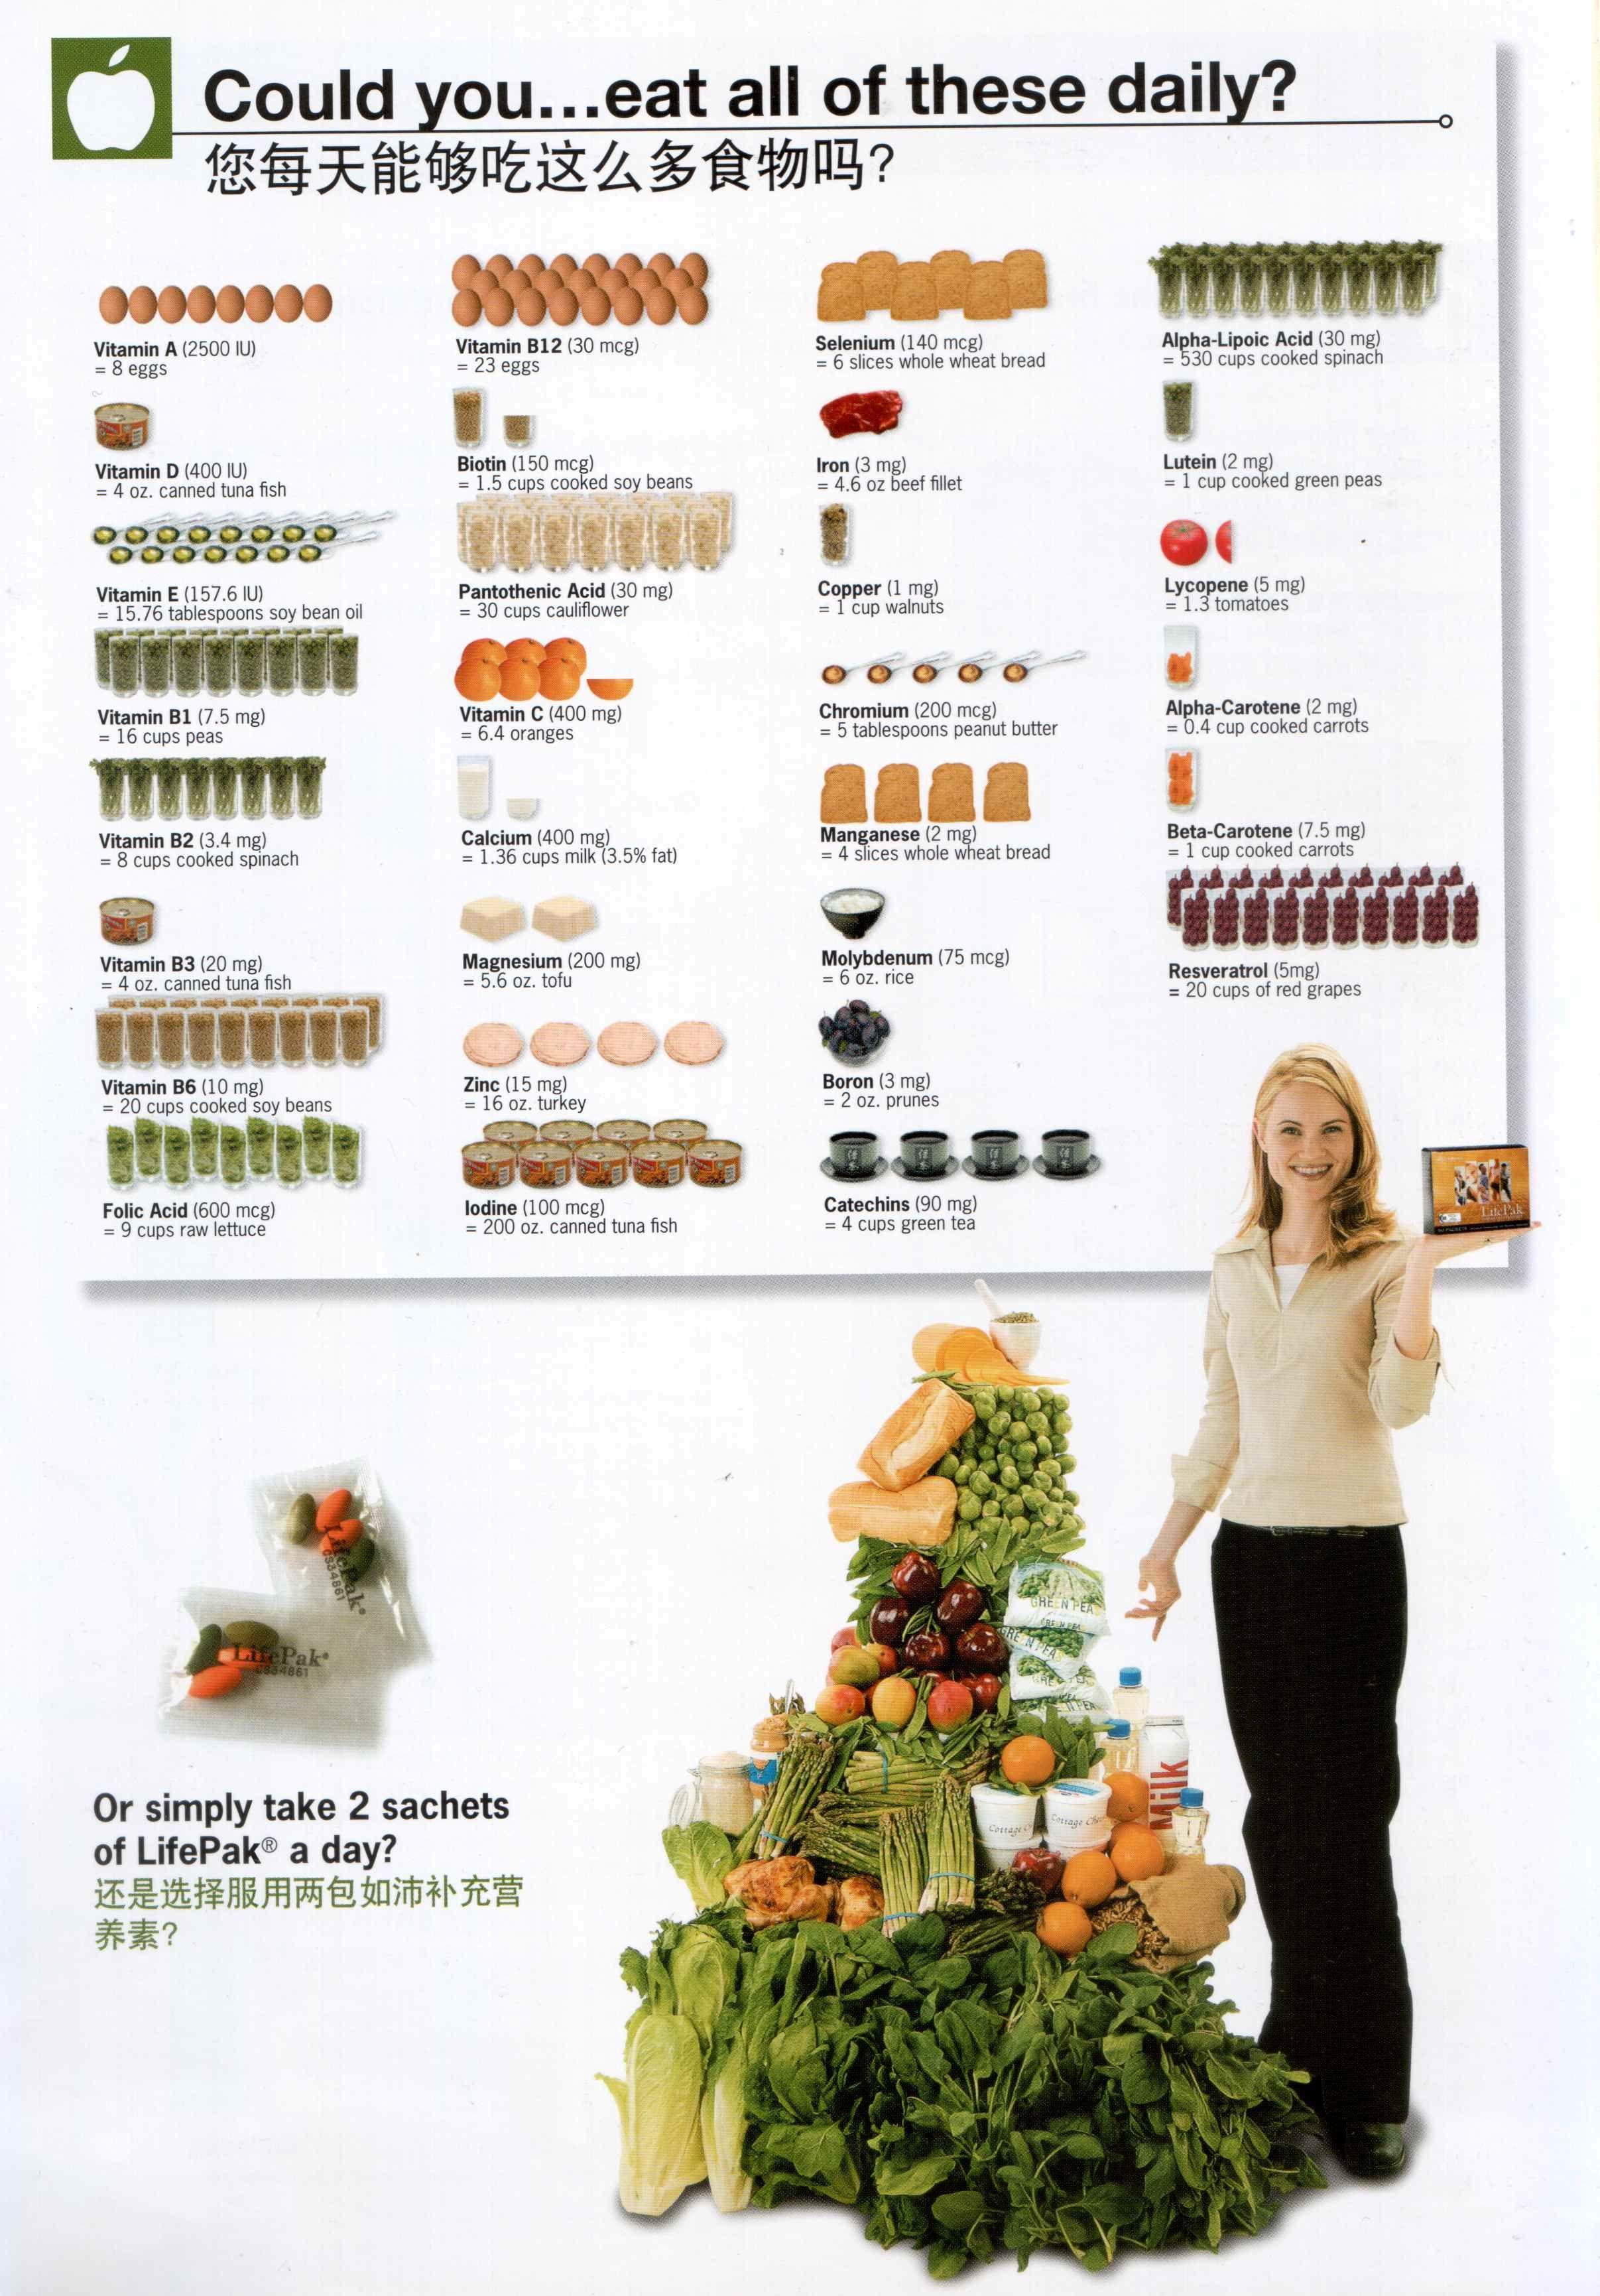 Isagenix Vs Tr90 – An Honest Comparison Of Isagenix vs Other Diet Programs